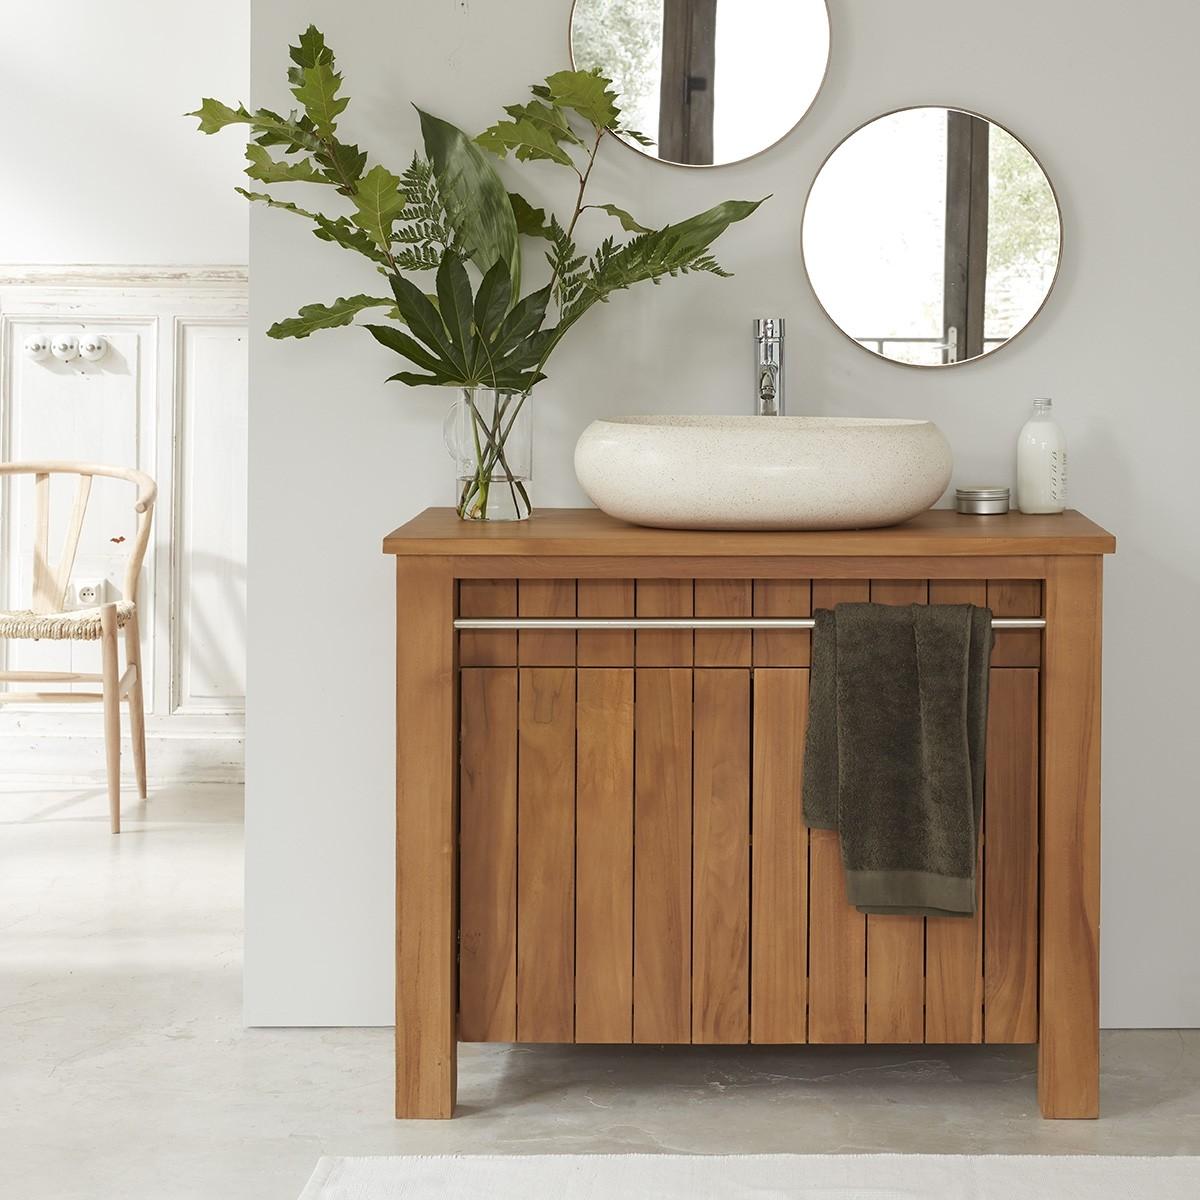 Meuble de salle de bain en bois de teck 17 PORTO